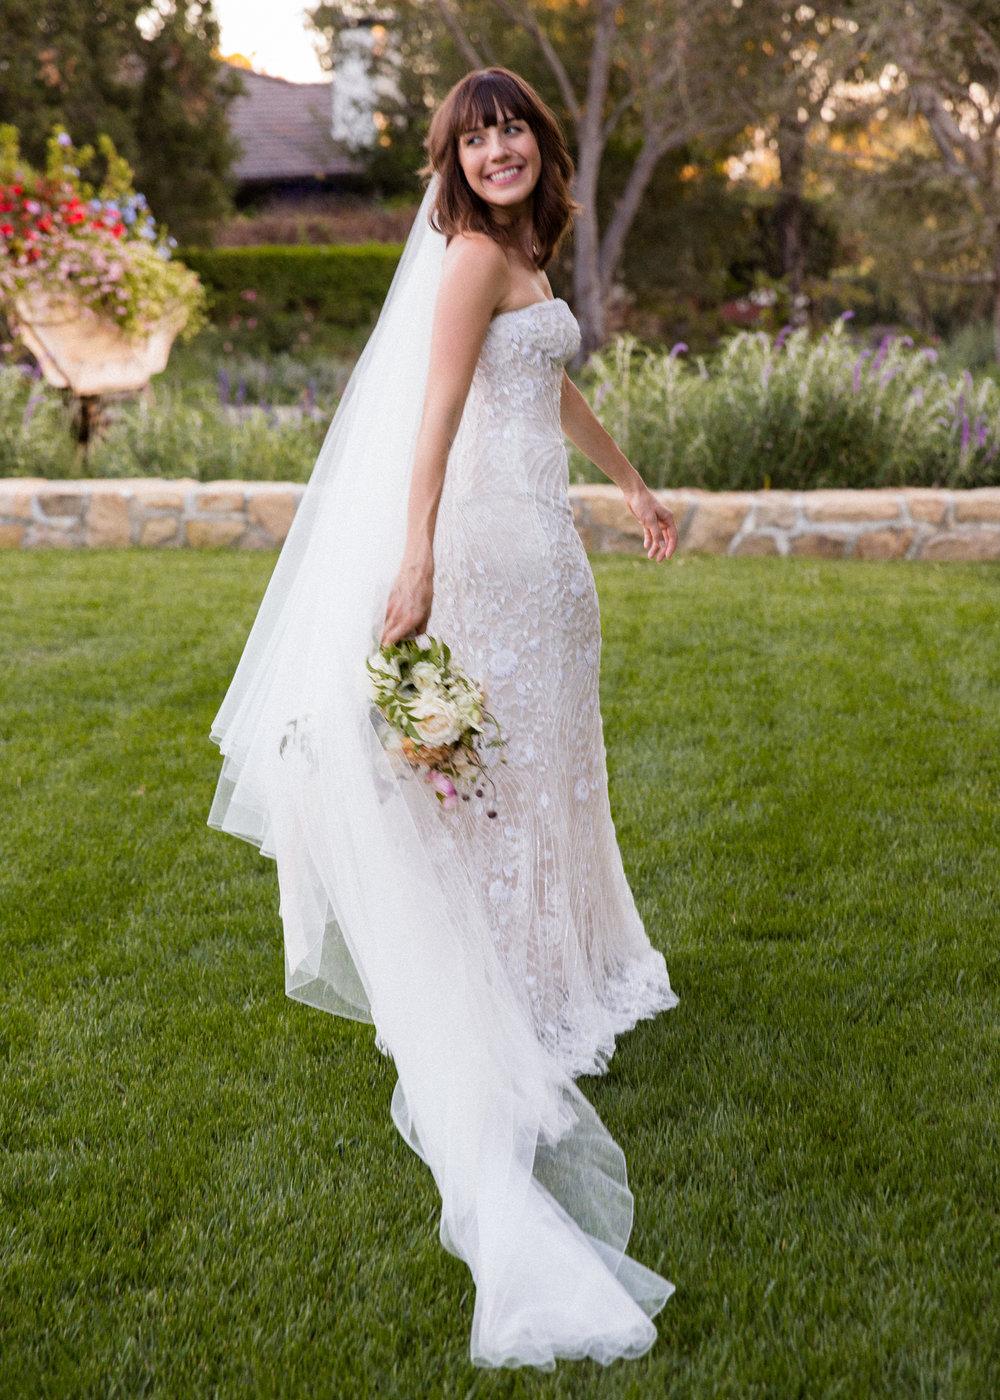 1409_WEDDING_WYNN_SCOTT_2C1B5973325.jpg